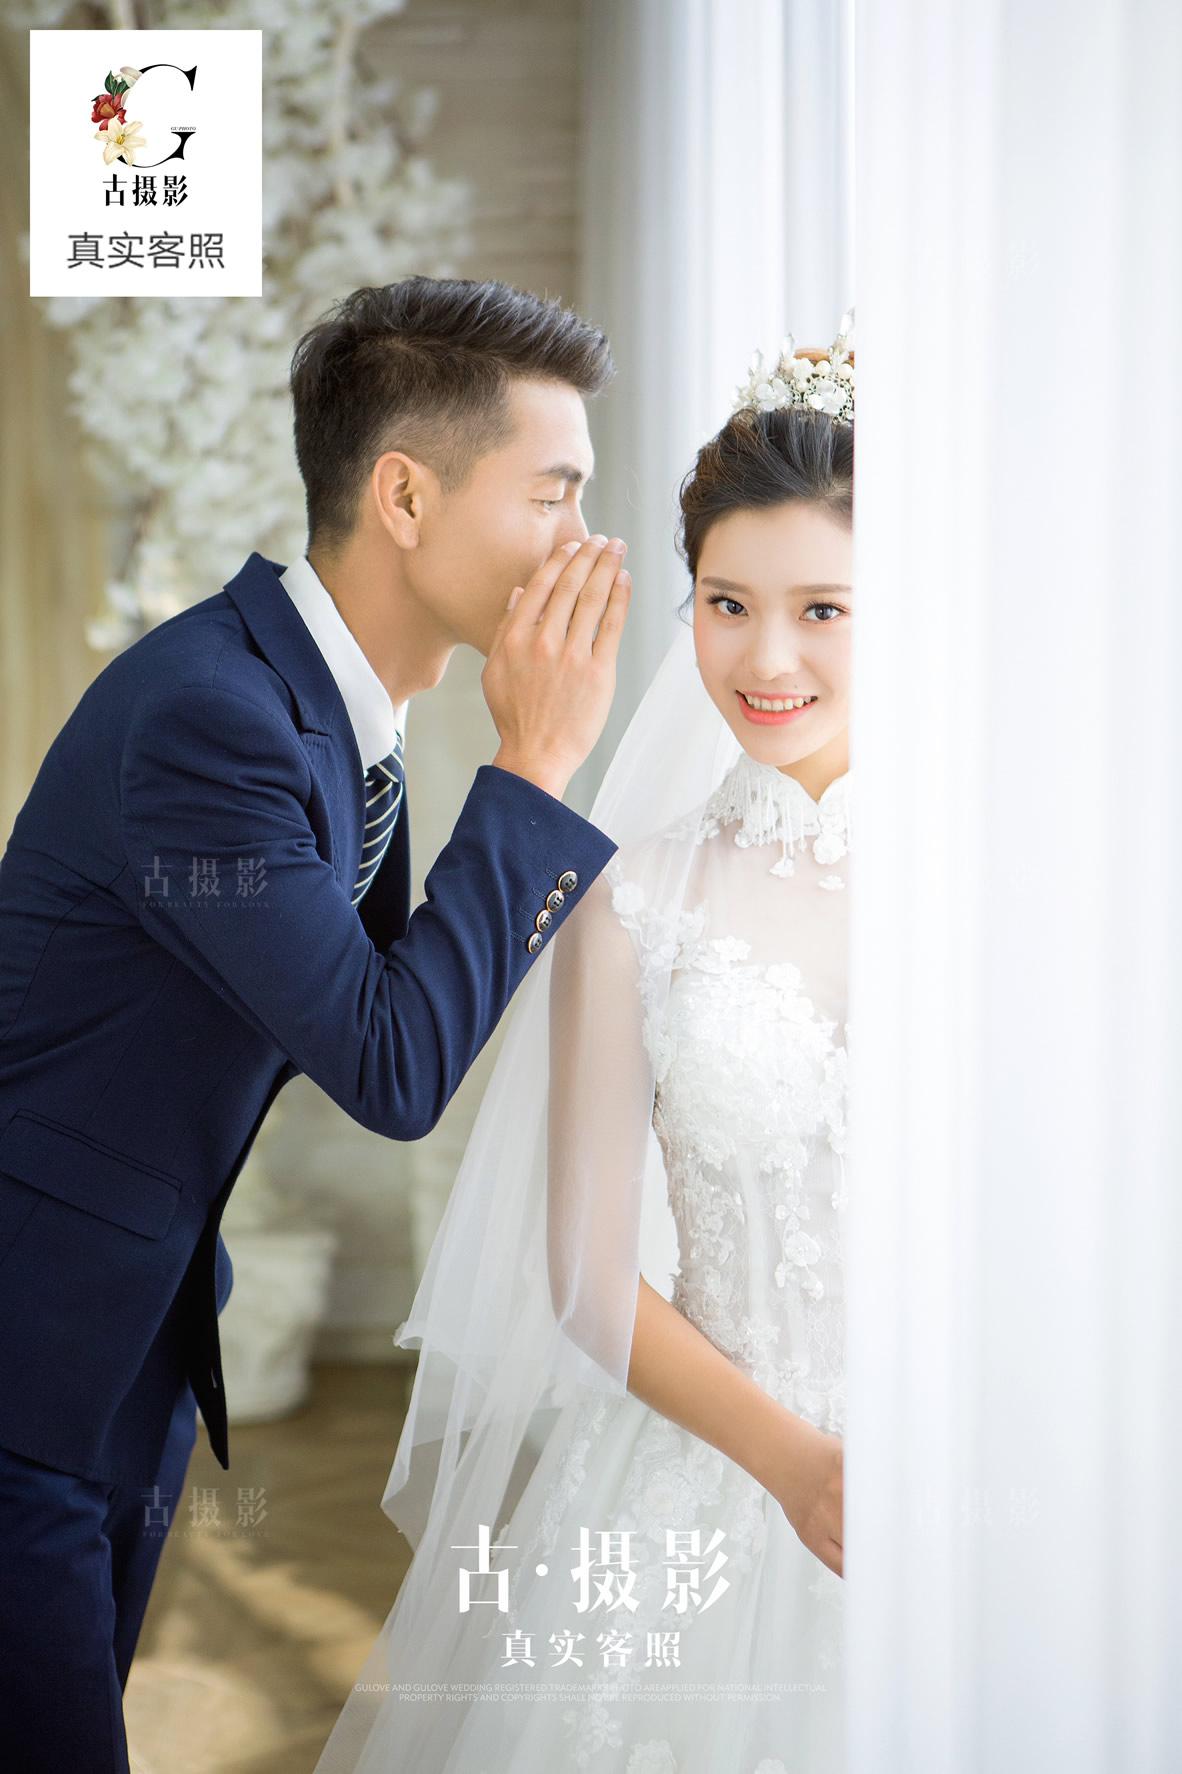 9月19日客片代先生 付小姐 - 每日客照 - love昆明古摄影-昆明婚纱摄影网